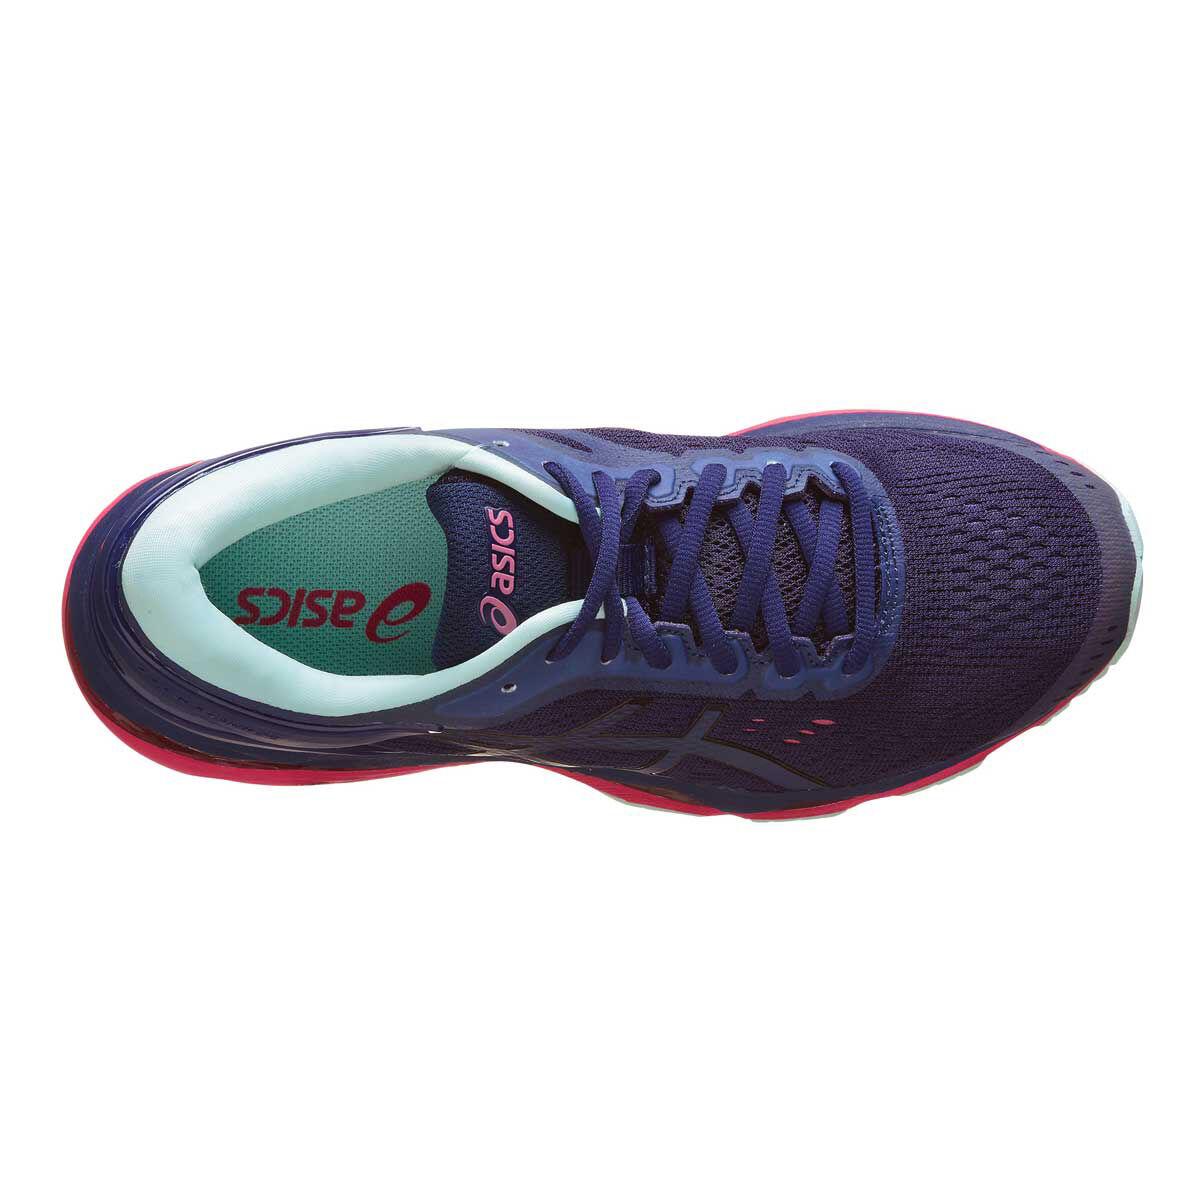 Chaussures course de course 10781 pour femme Asics femme Gel Kayano 24 Lite Show Navy/ Teal US 9120e55 - gerobakresep.website